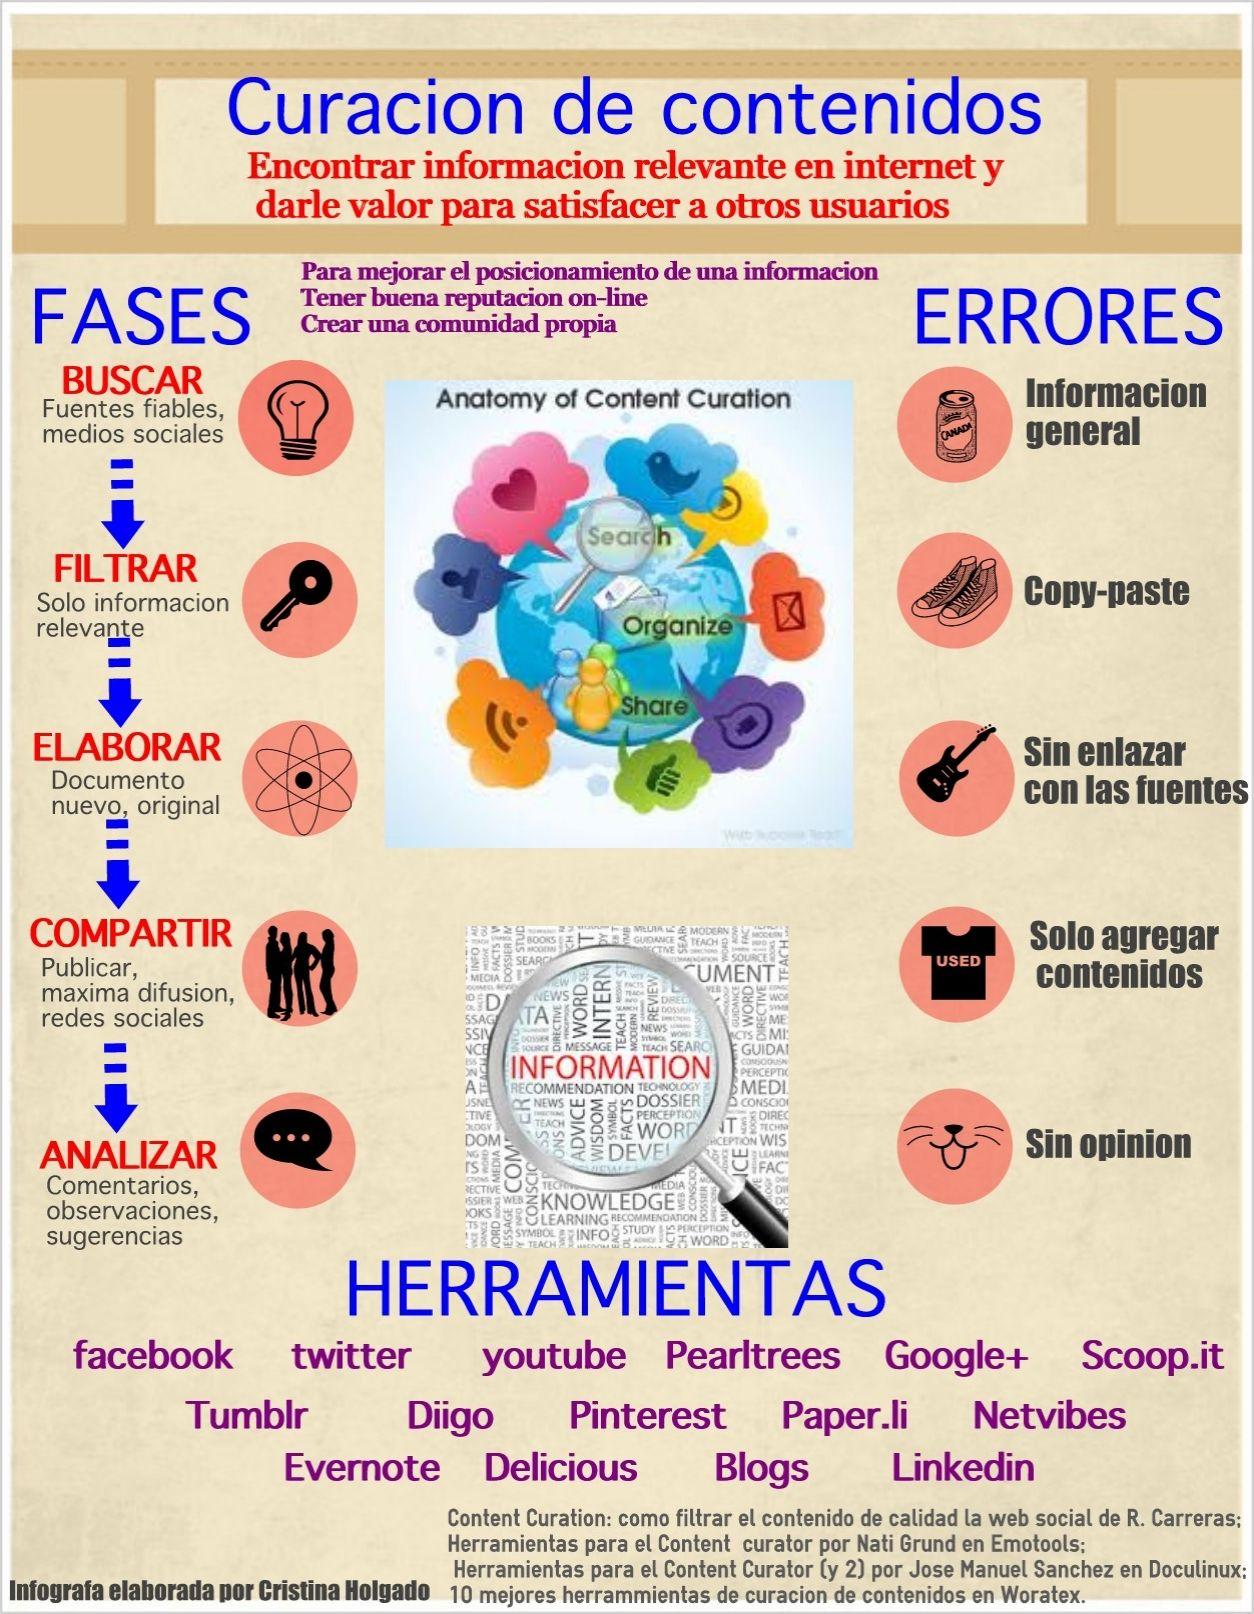 Infografía curación de contenidos eduPLEmooc